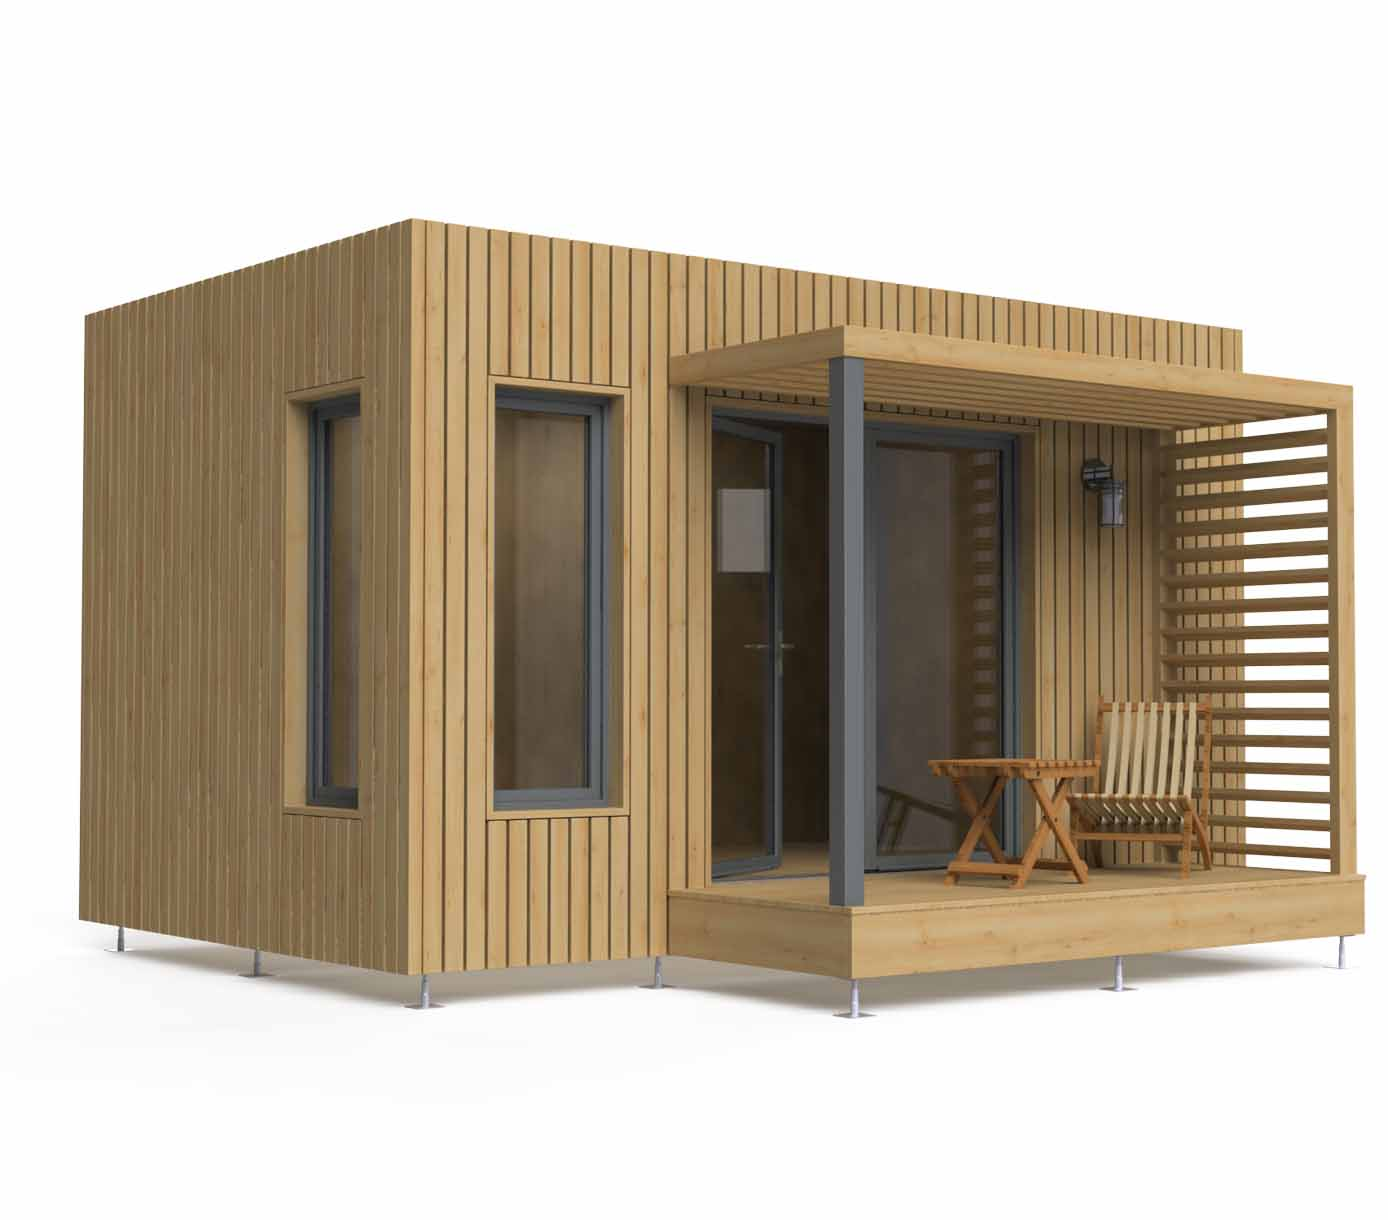 Bureau de jardin en bois de 15m2